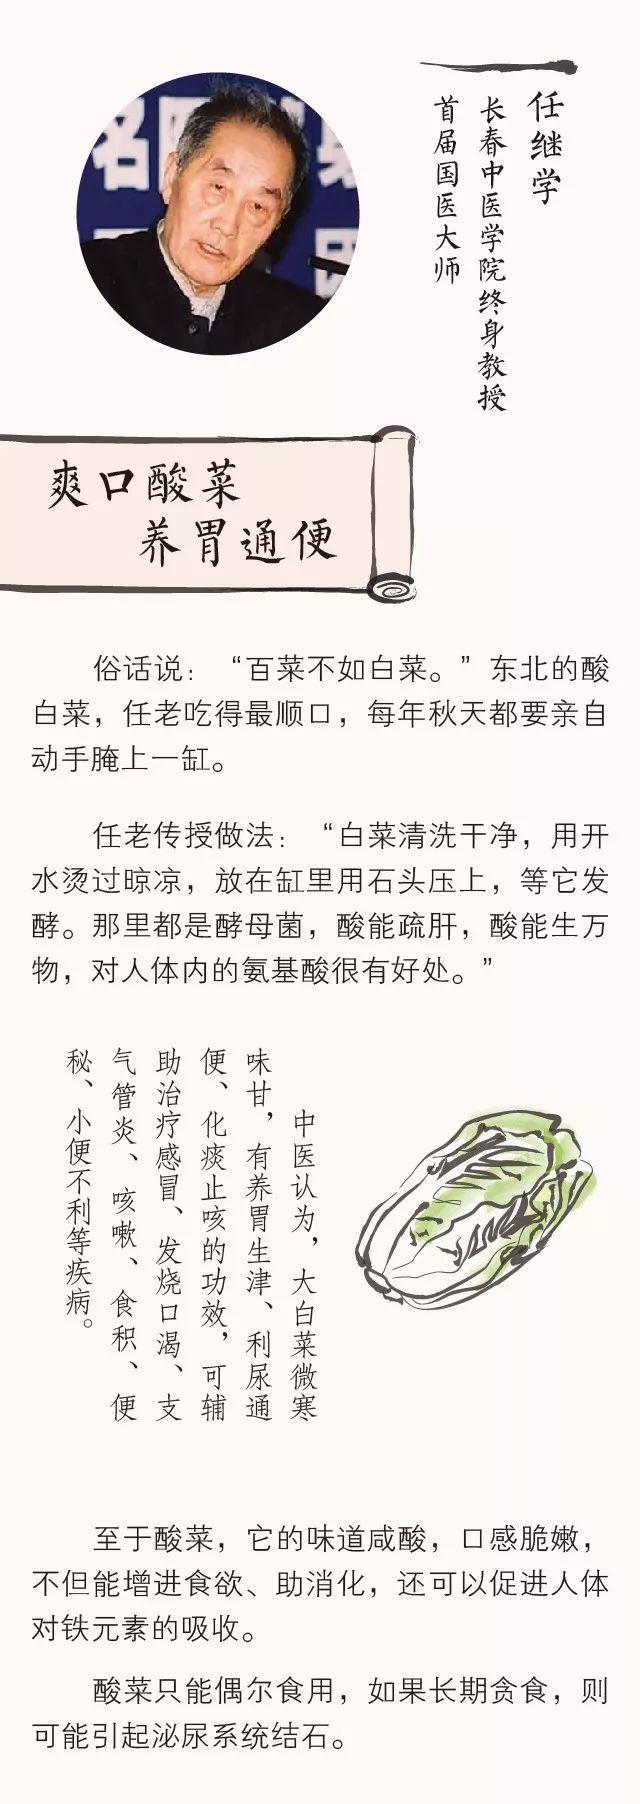 """国医大师吃了一辈子的""""养生菜"""",竟然是7种最普通的食物"""